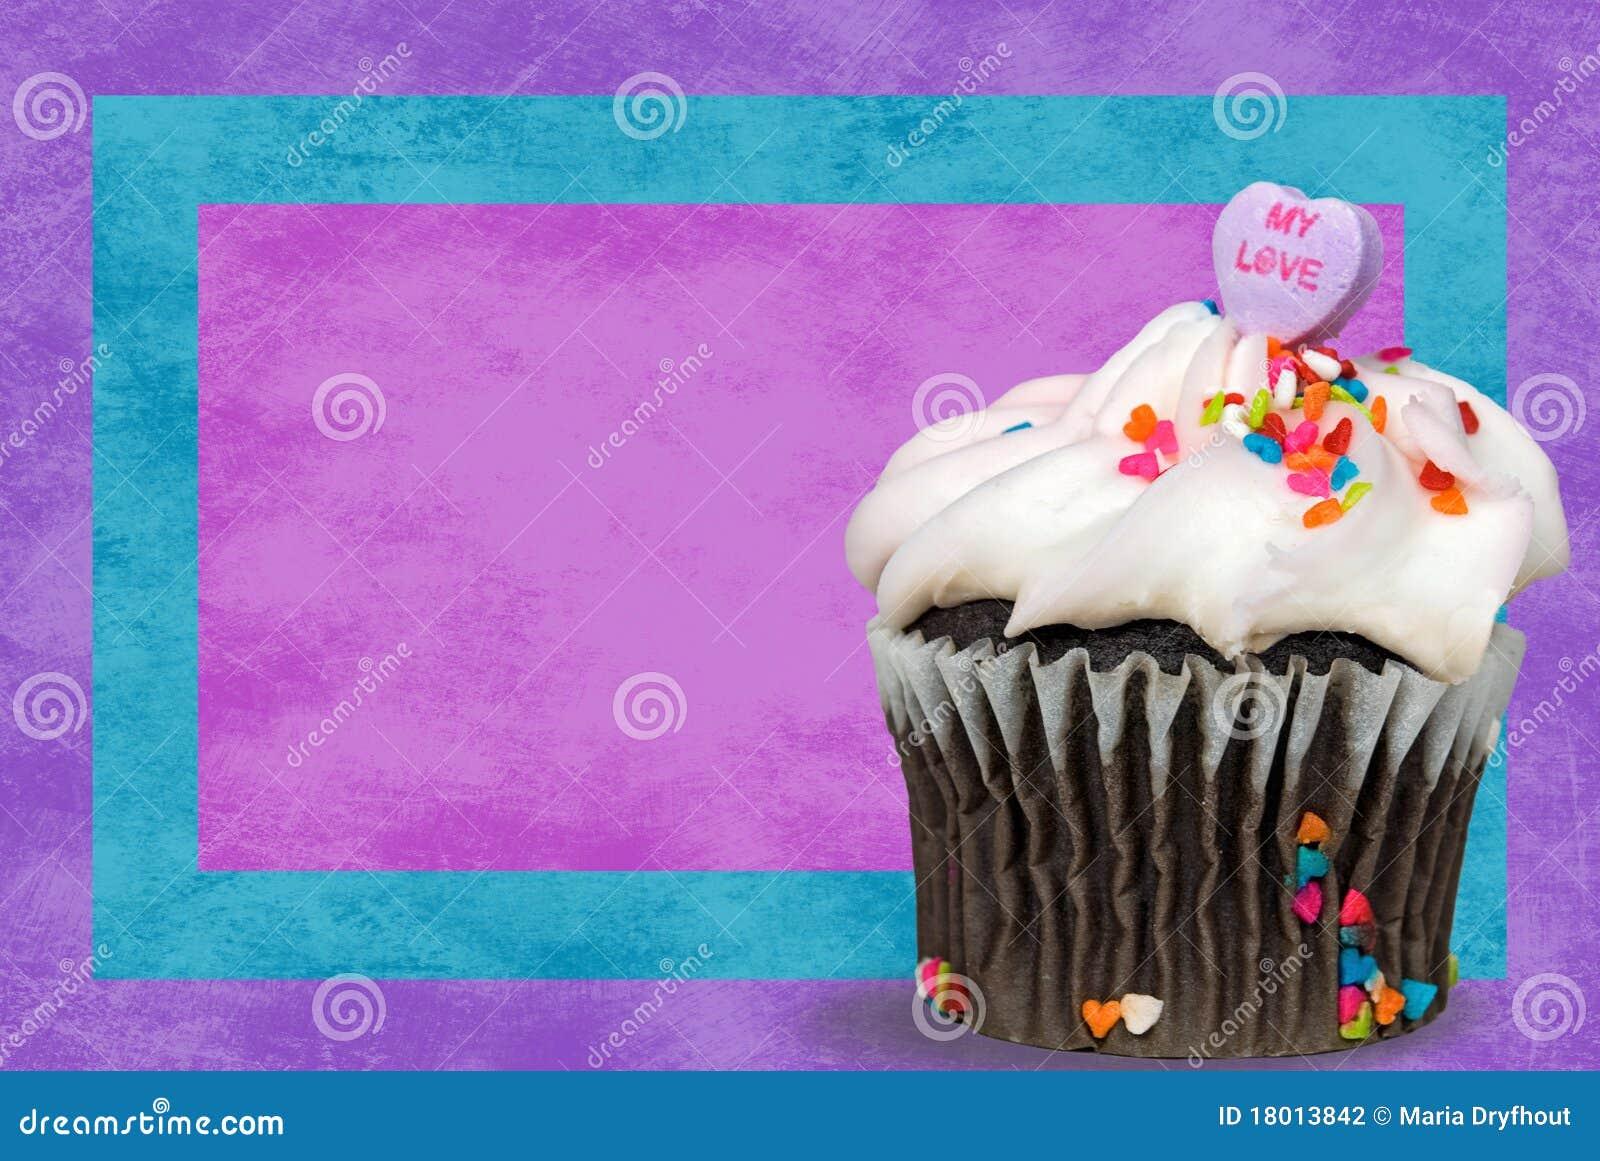 Kuchen Liebe Stockfoto Bild Von Bereifen Kuchen Klar 18013842